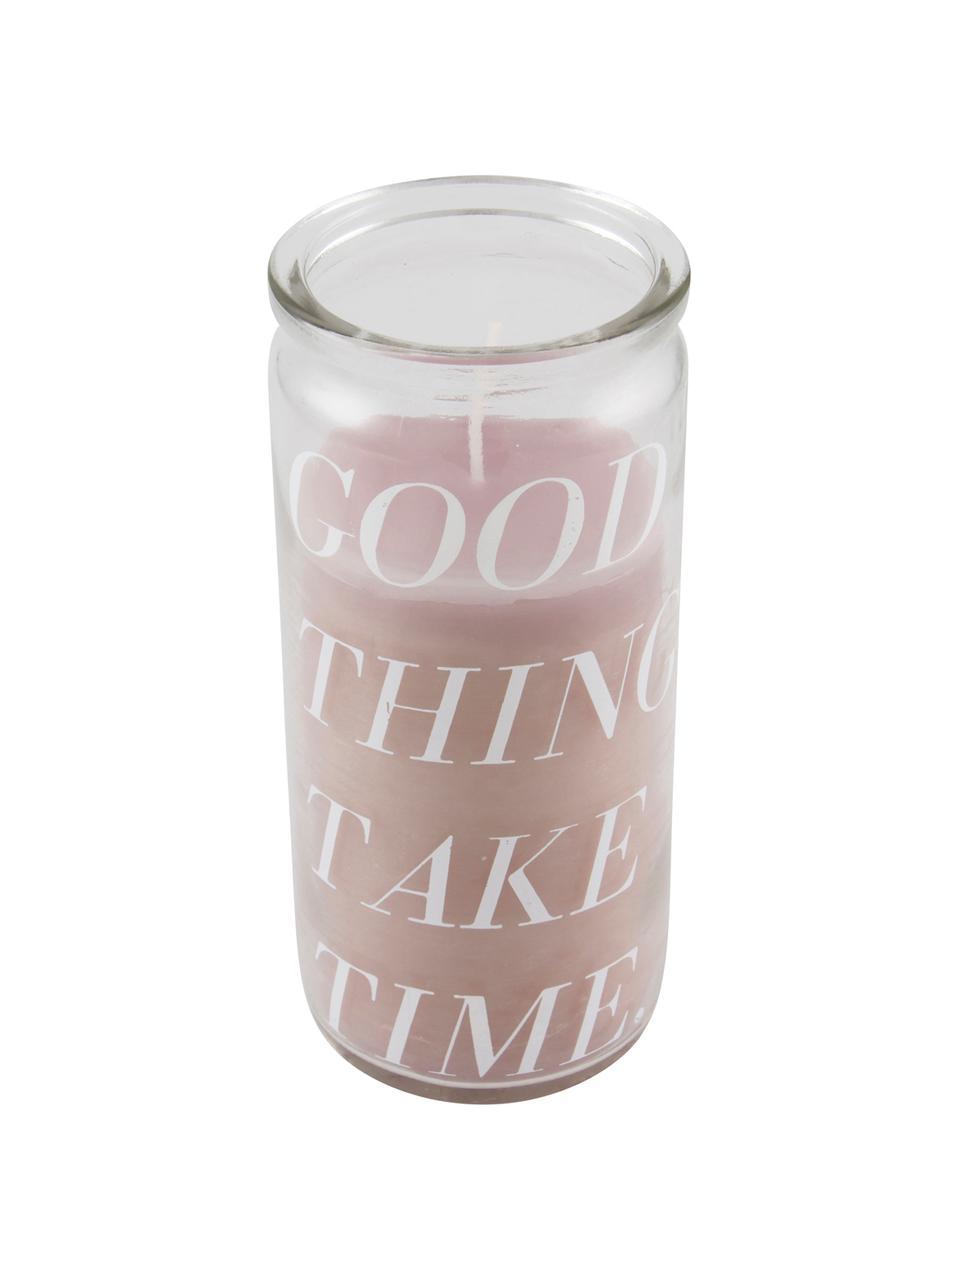 Świeca Good Things, Szkło, wosk, Transparentny, rożowy, Ø 6 x 14 cm